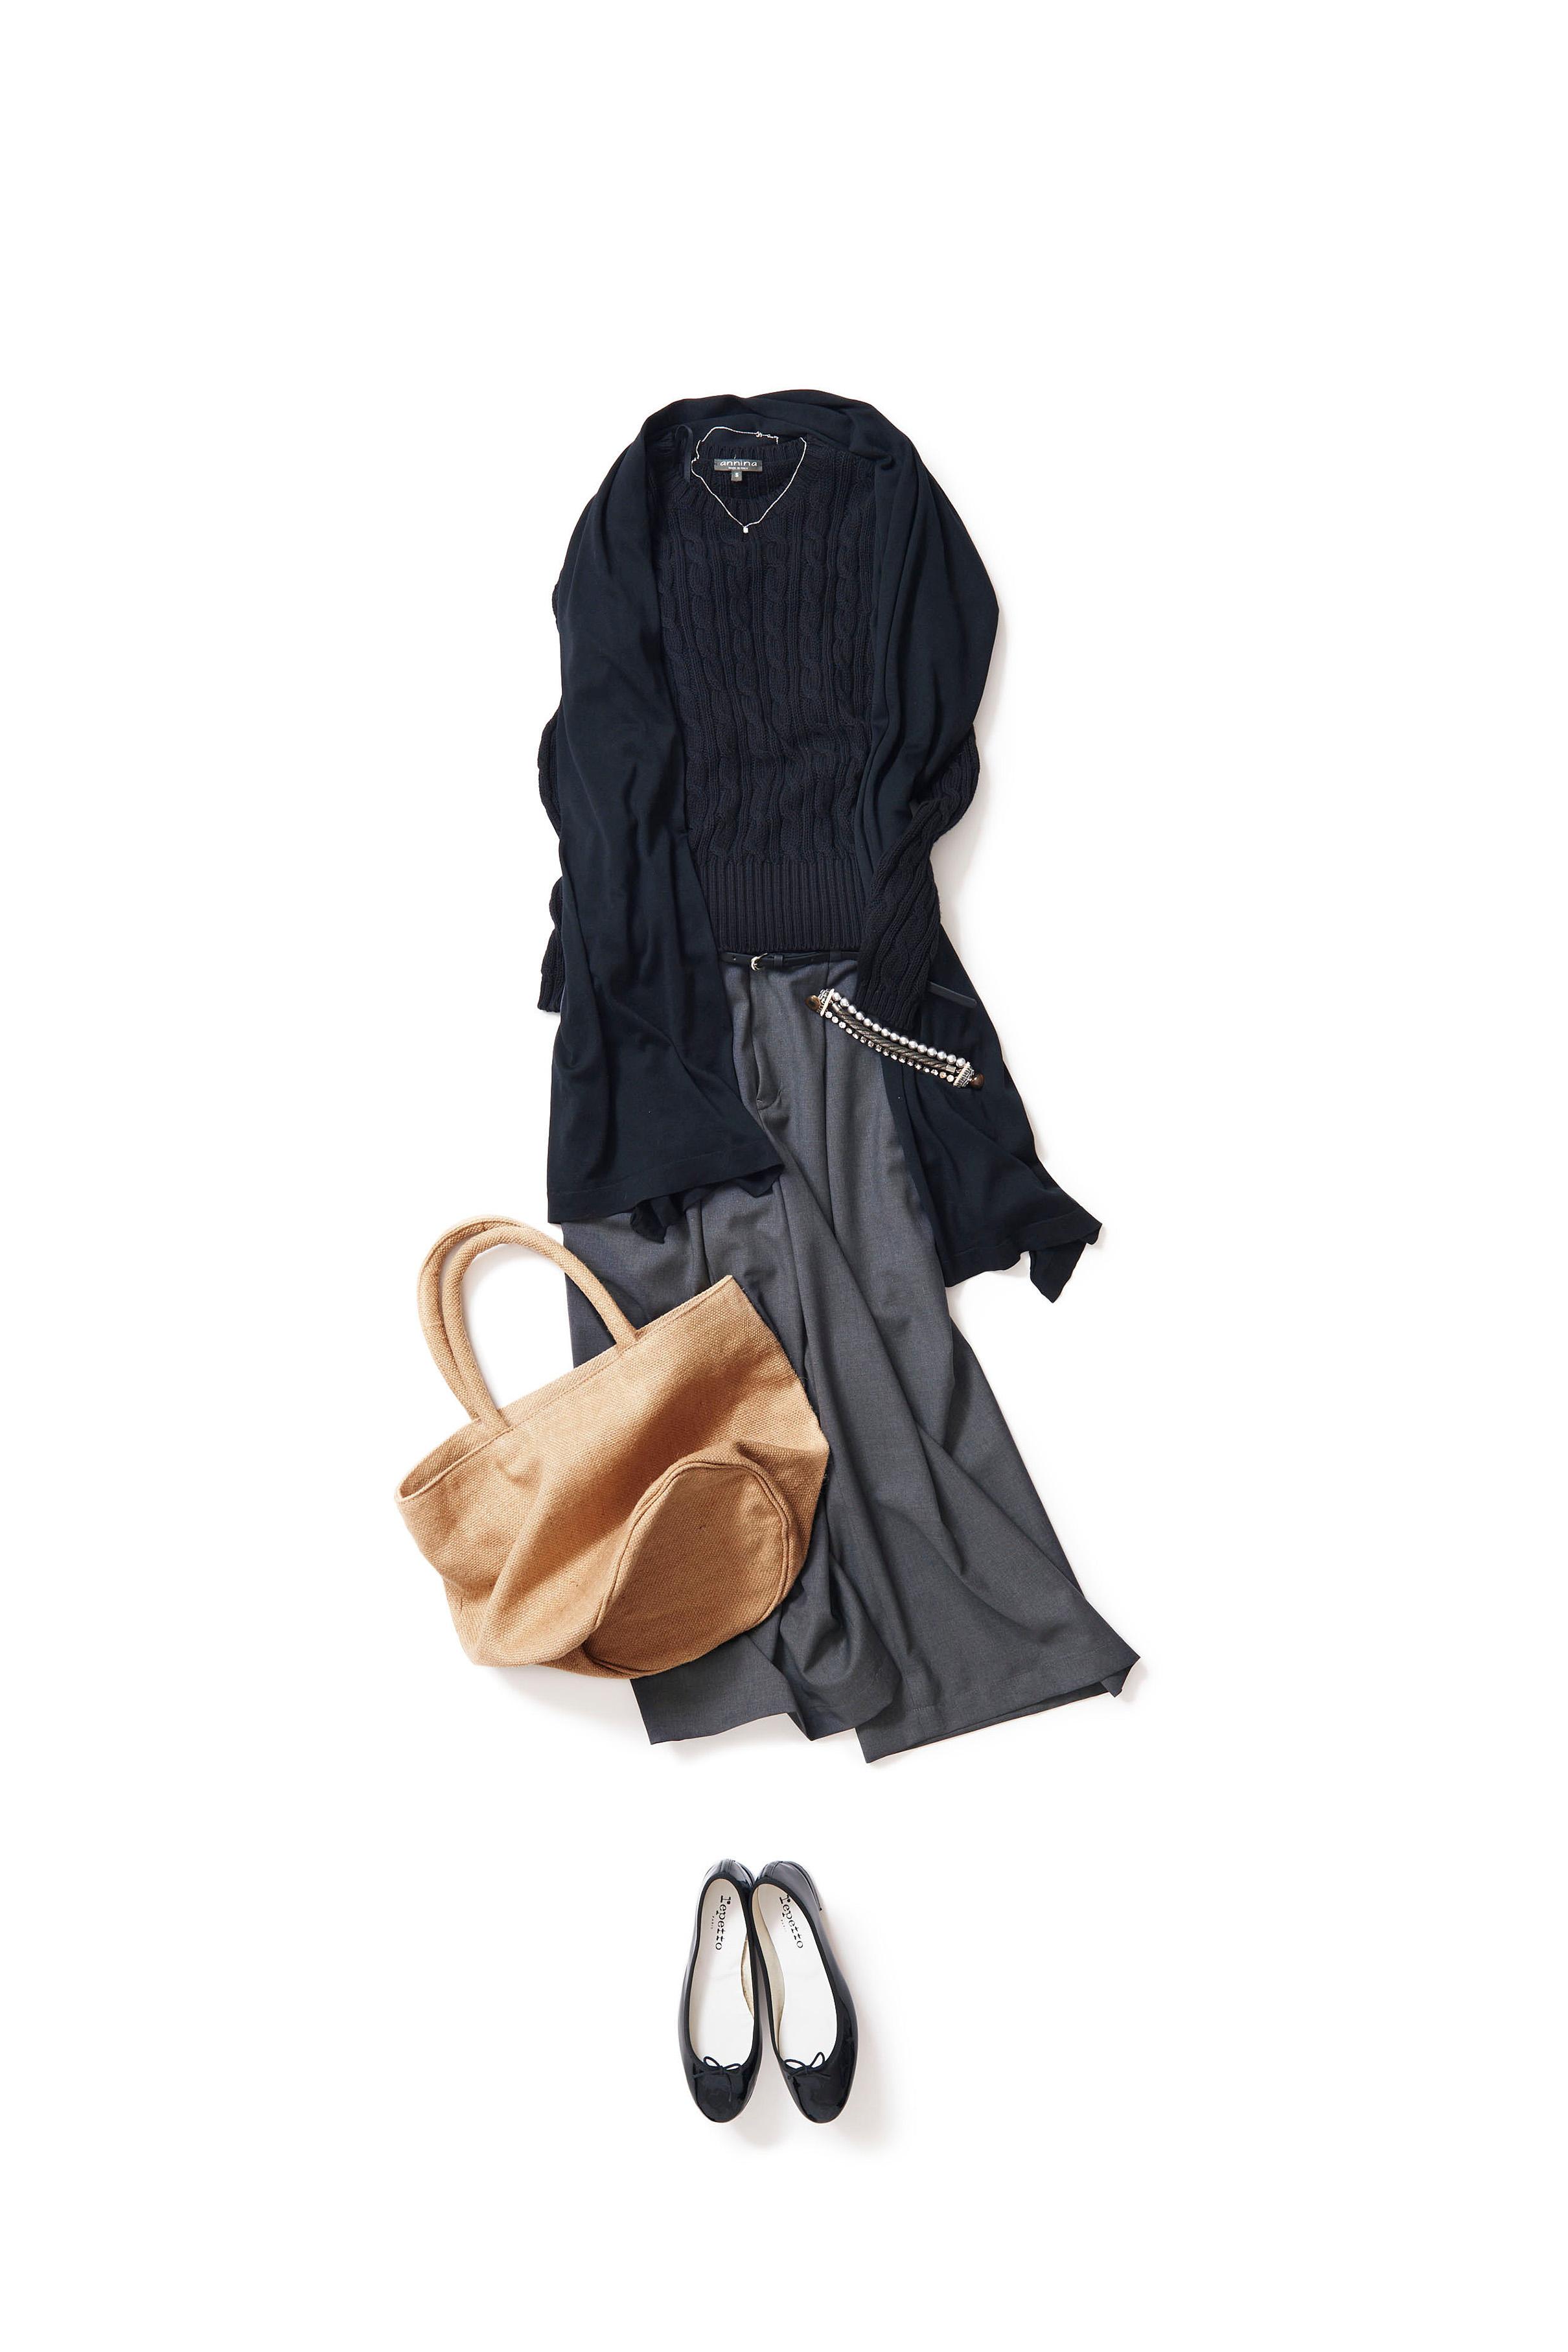 シックトーンをキュートに着るガウチョスタイル